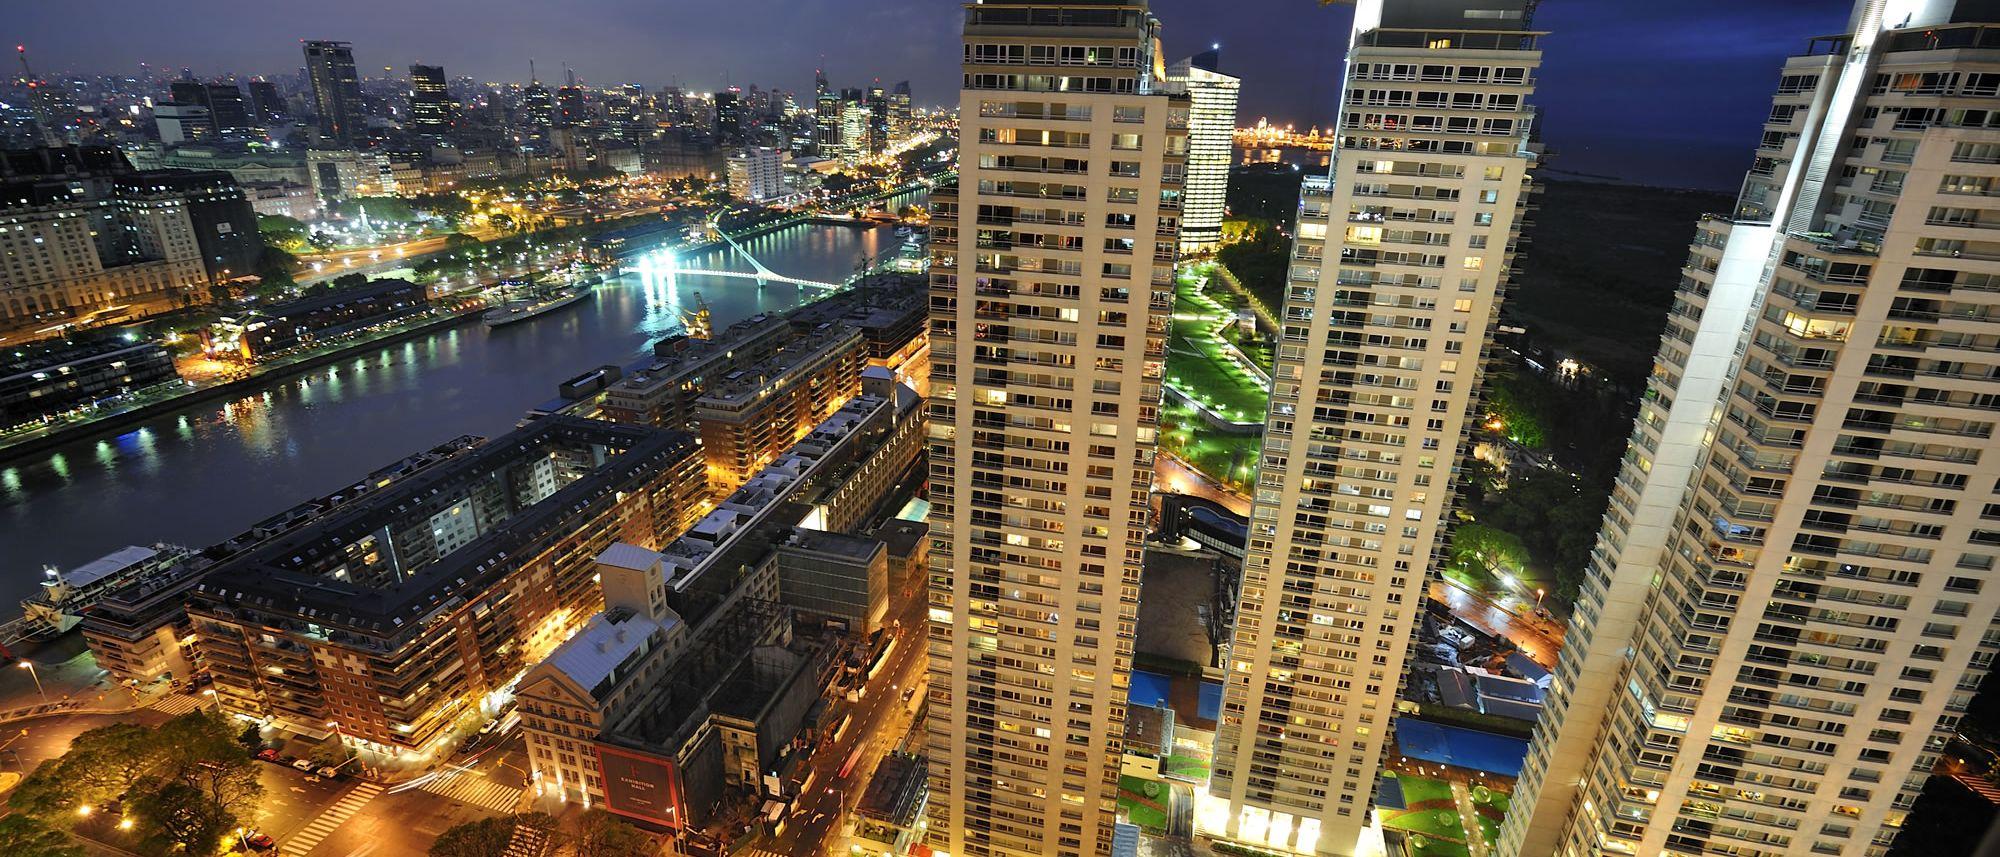 Las mejores ciudades para hacer negocios argentina municipal for Muebles de oficina buenos aires capital federal